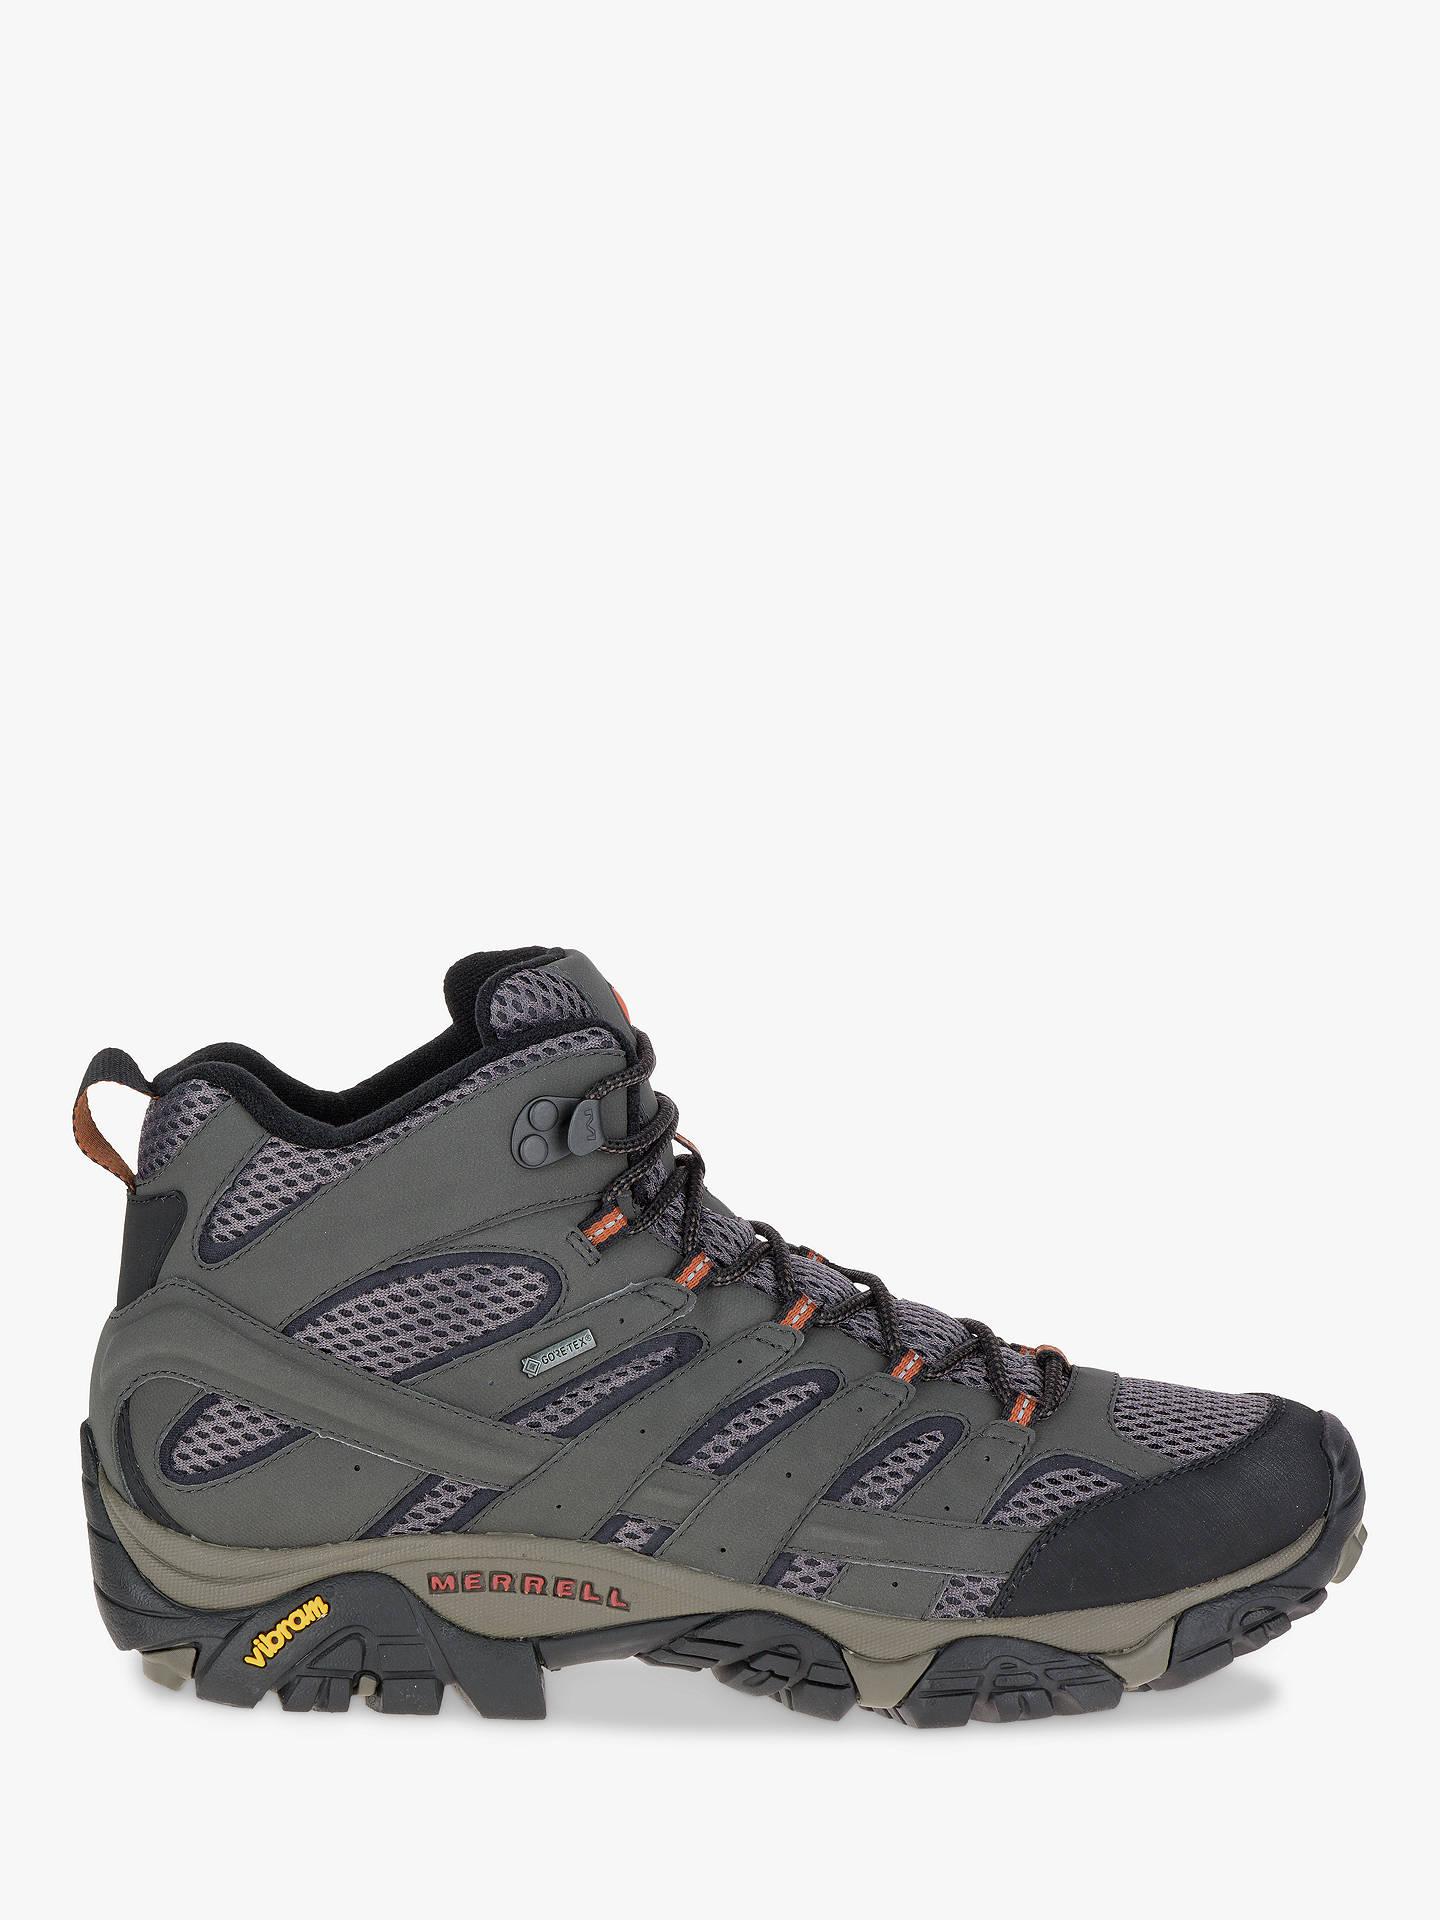 0e3cb71e0bd Merrell MOAB 2 Mid GORE-TEX Men's Hiking Boots, Beluga